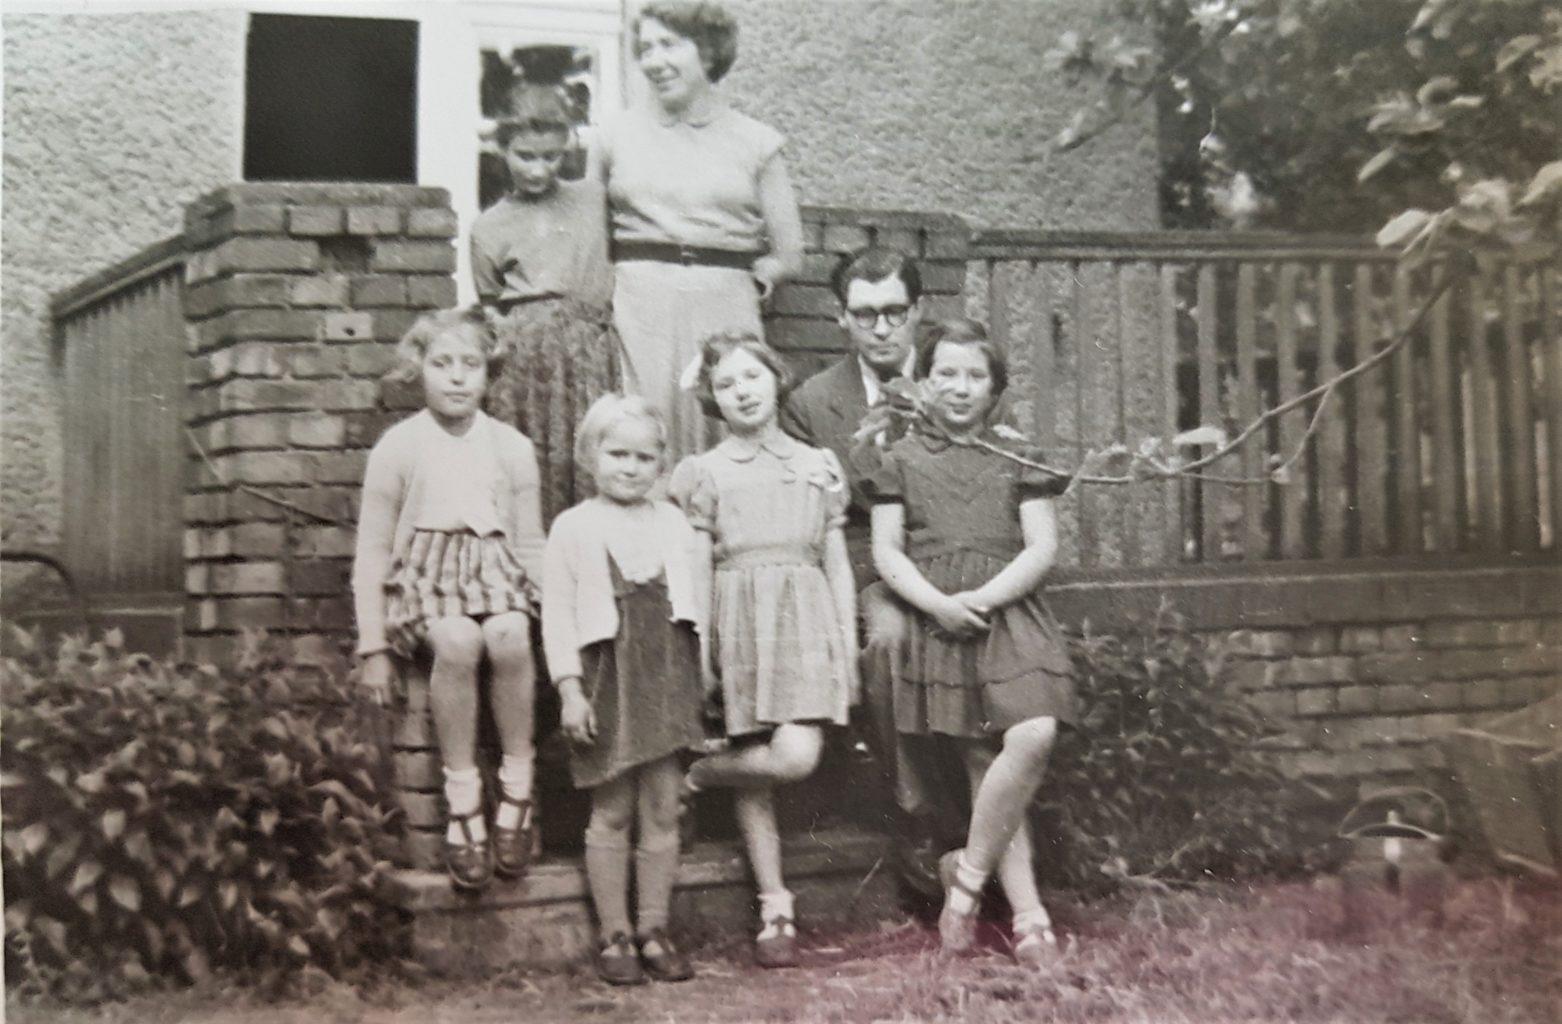 Franciszek Longchamps z córkami: starszą Kasią (na kolanach ojca) i Małgosią (w jasnej sukience z kokardą we włosach); obok Aleksandra i Krystyna Chodkiewiczówne, powyżej Leonilla Longchamps i Joasia Marczewska – córka Zofii i Edwarda Marczewskich